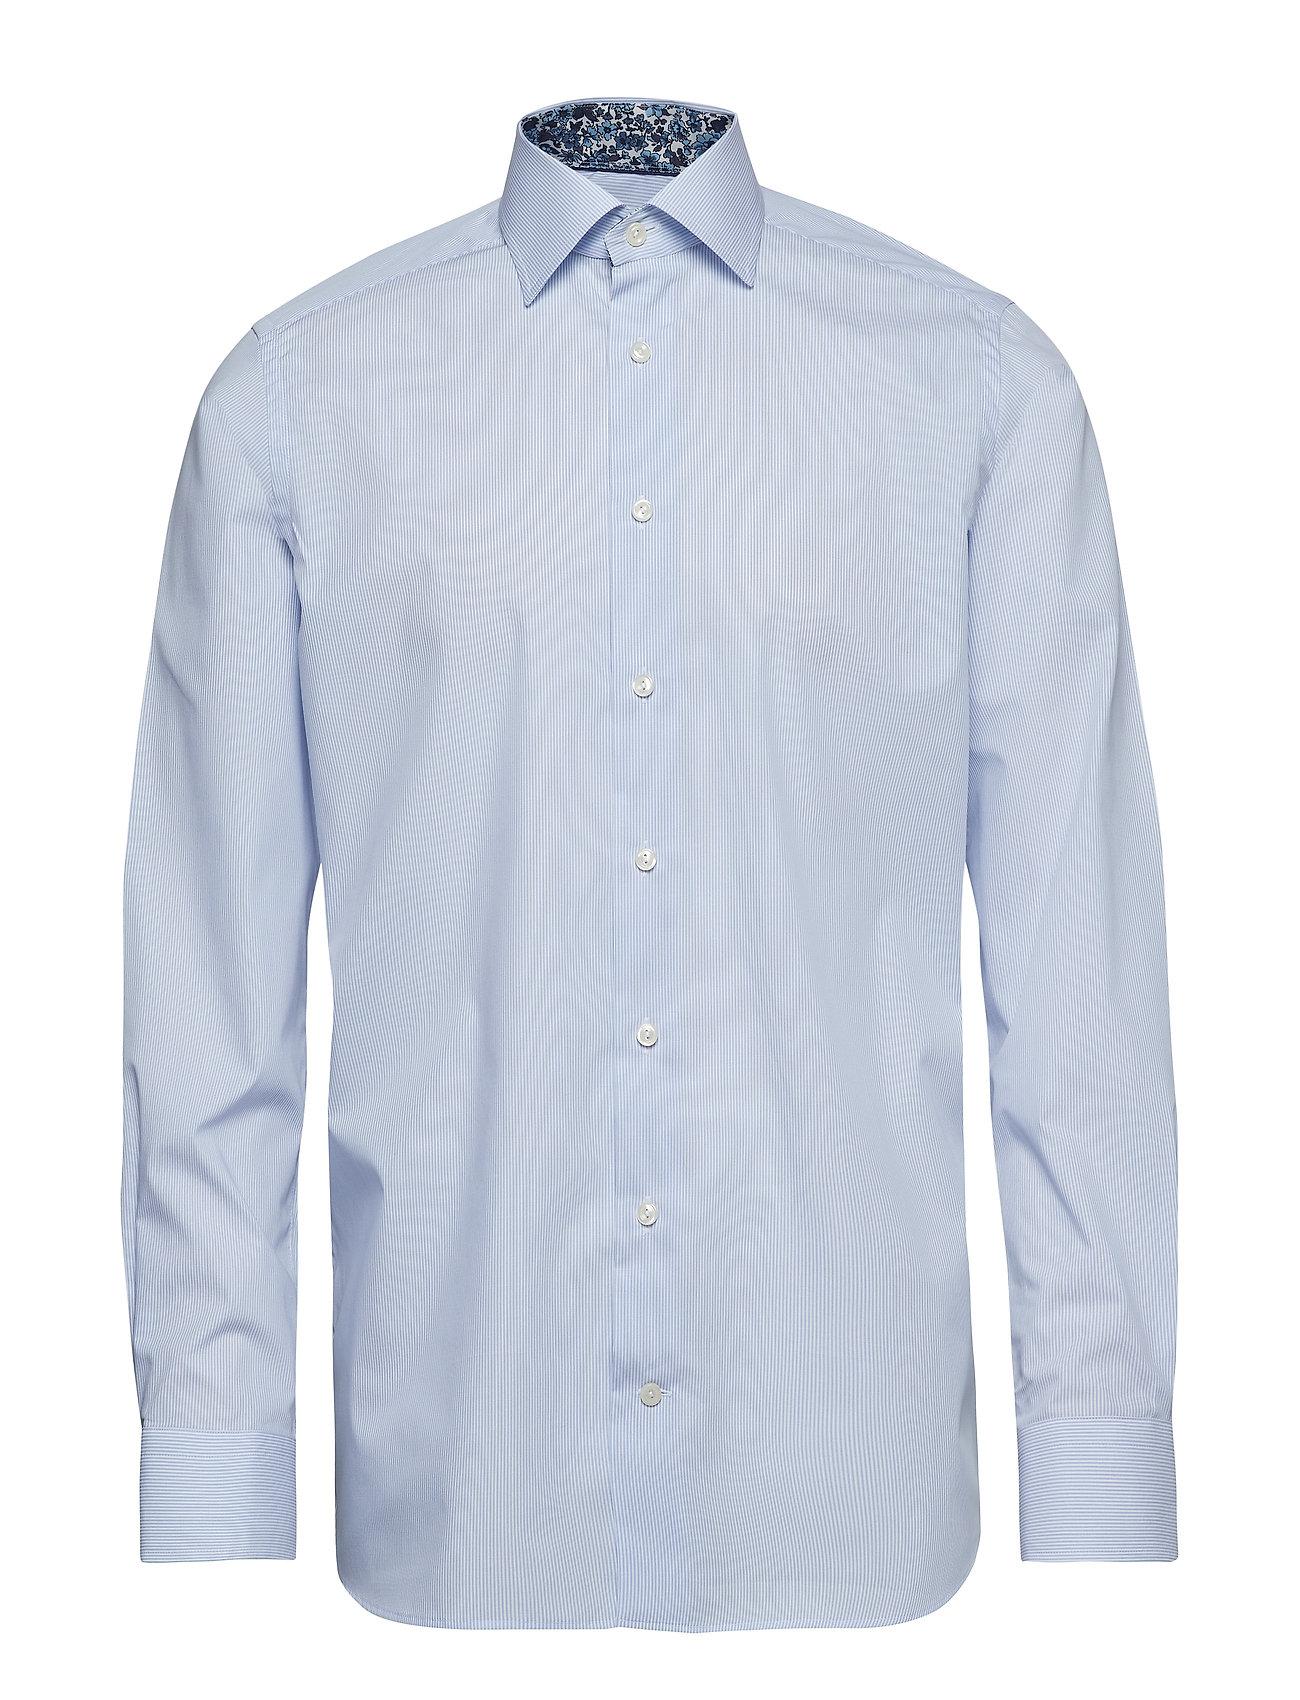 Eton Sky Blue Striped Poplin Shirt - Floral Details